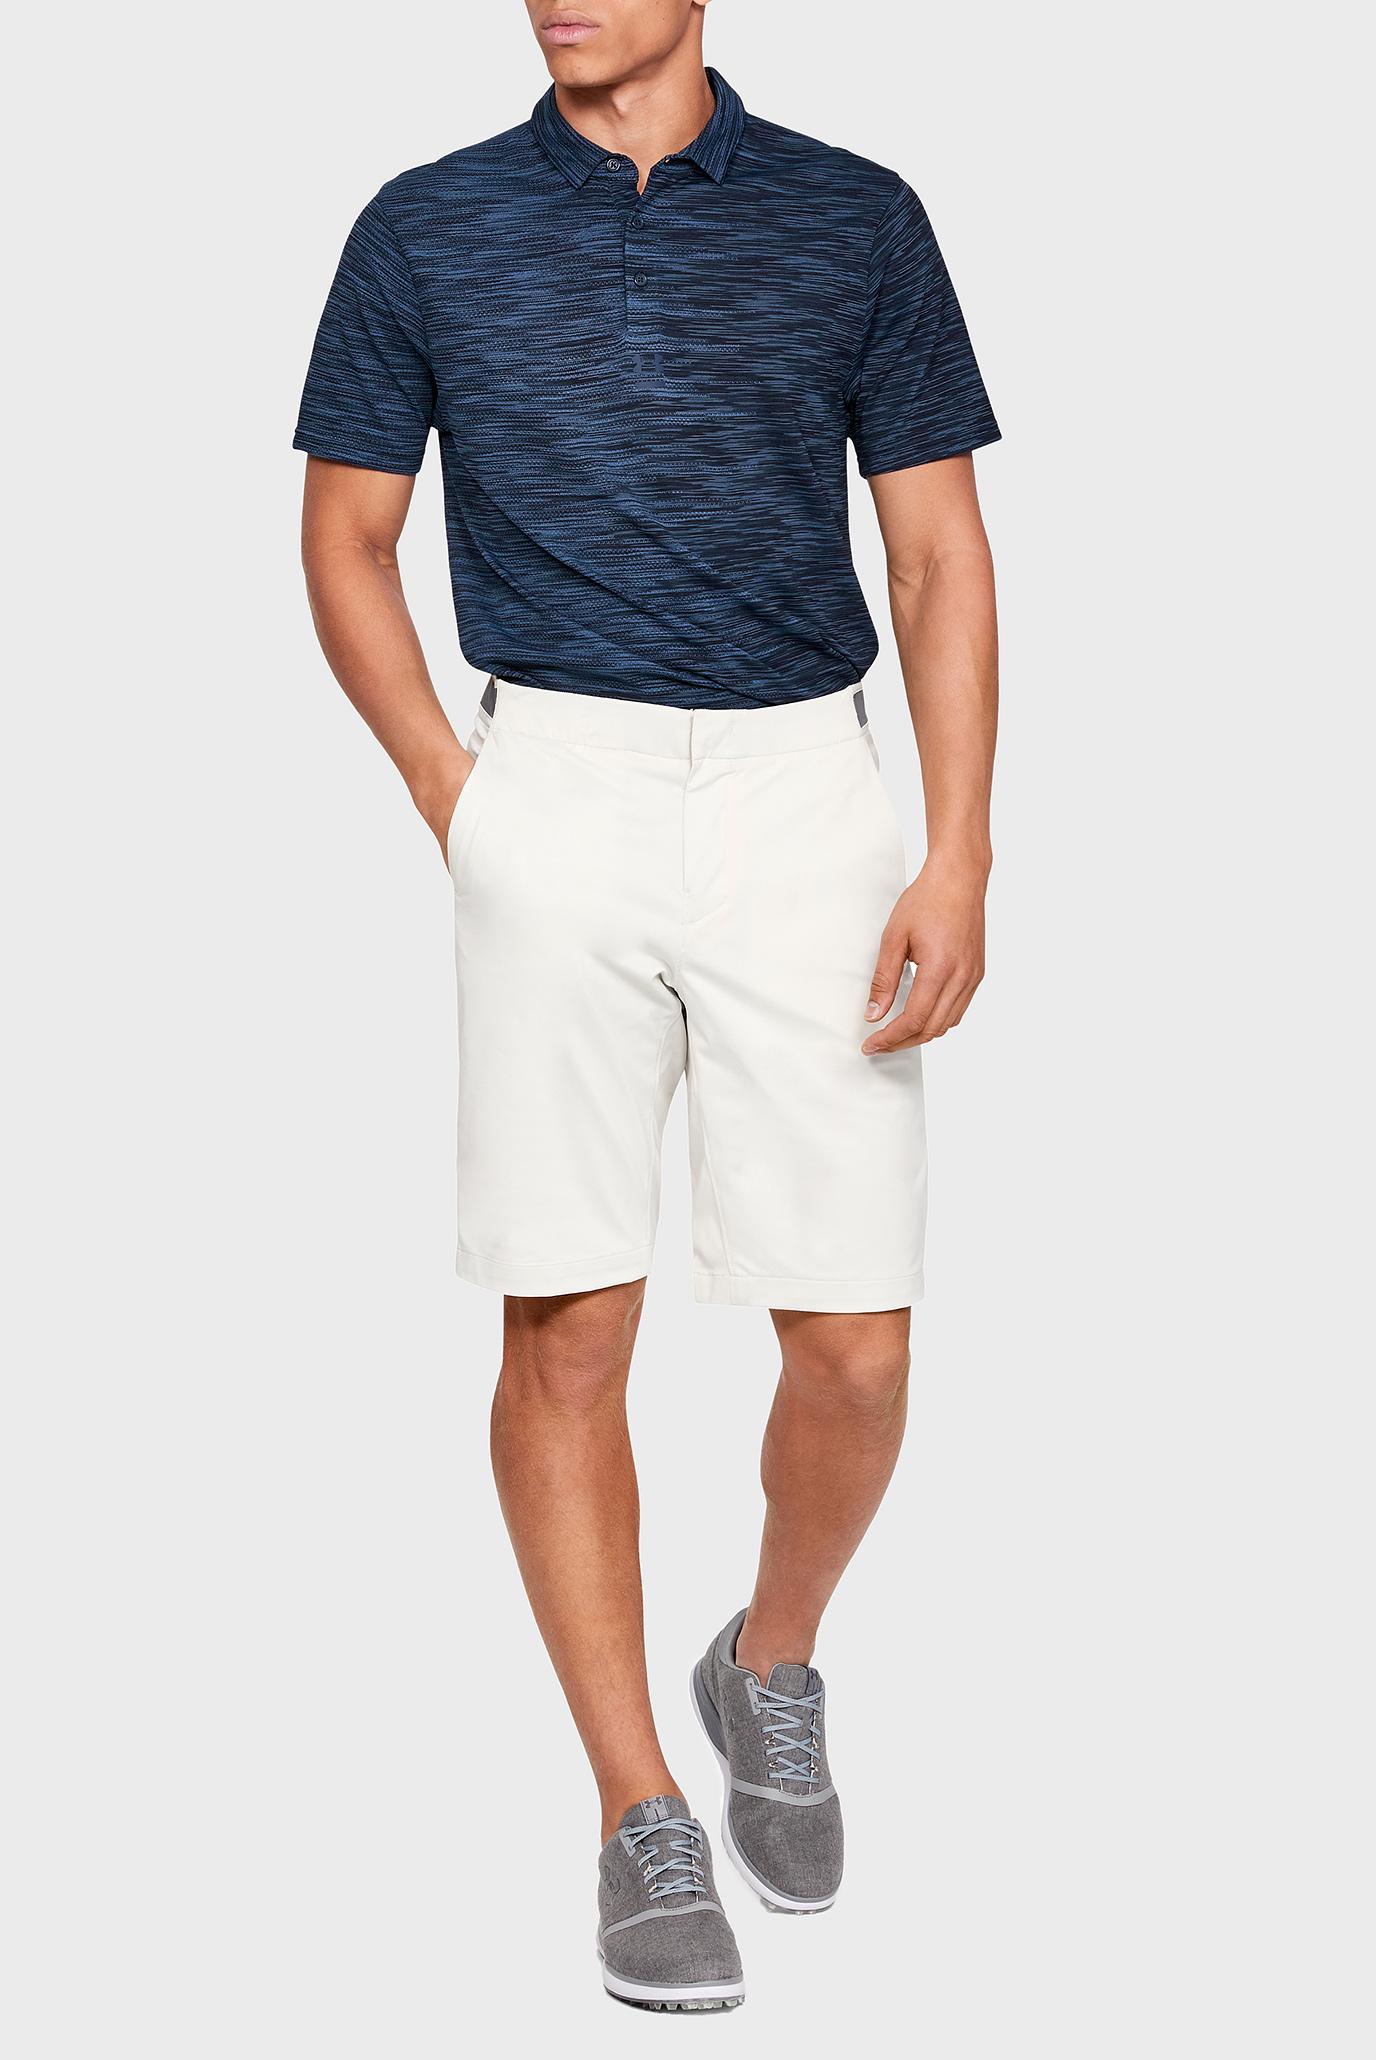 Купить Мужское синее поло Perpetual Seamless Polo Under Armour Under Armour 1327020-408 – Киев, Украина. Цены в интернет магазине MD Fashion